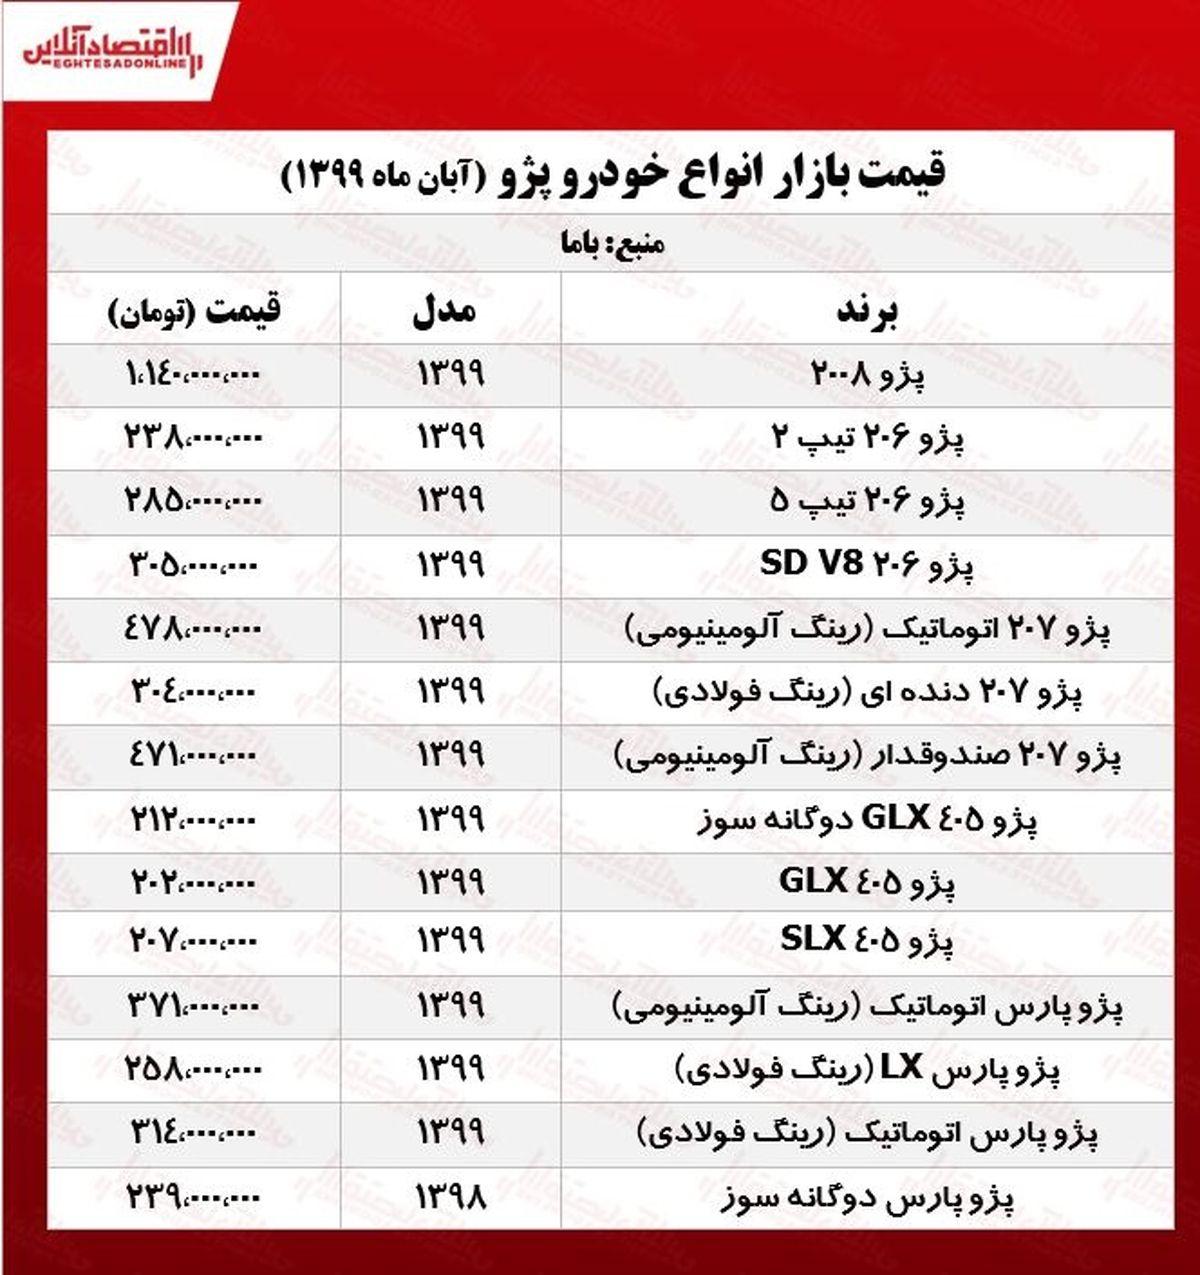 قیمت انواع پژو در بازار آزاد +جدول